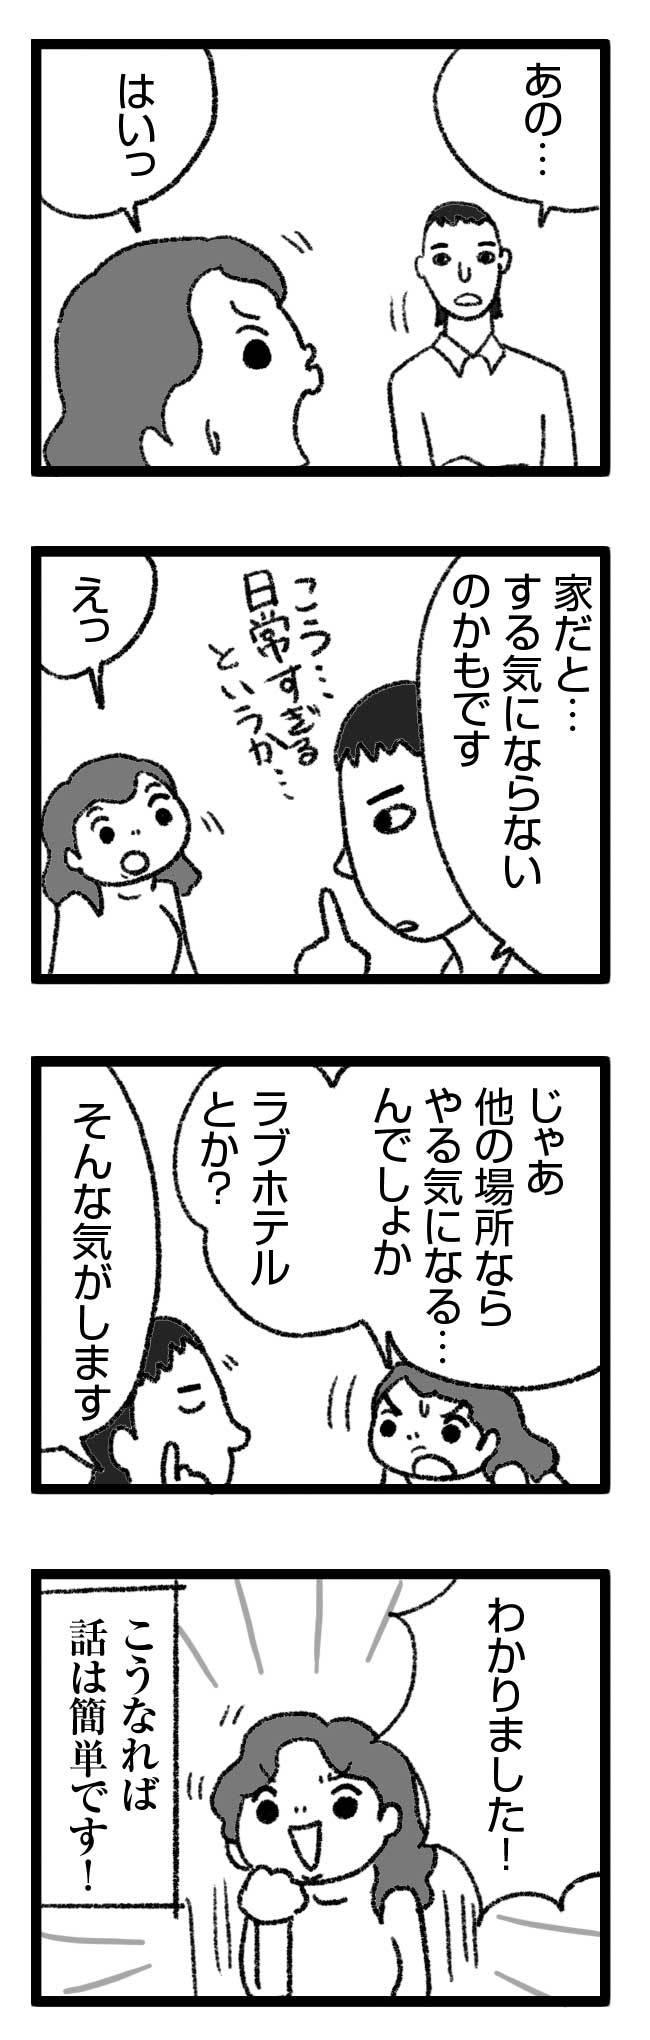 問題解決4 結婚 生活 話し合い 話 漫画 マンガ まんが レス セックスレス プロポーズ